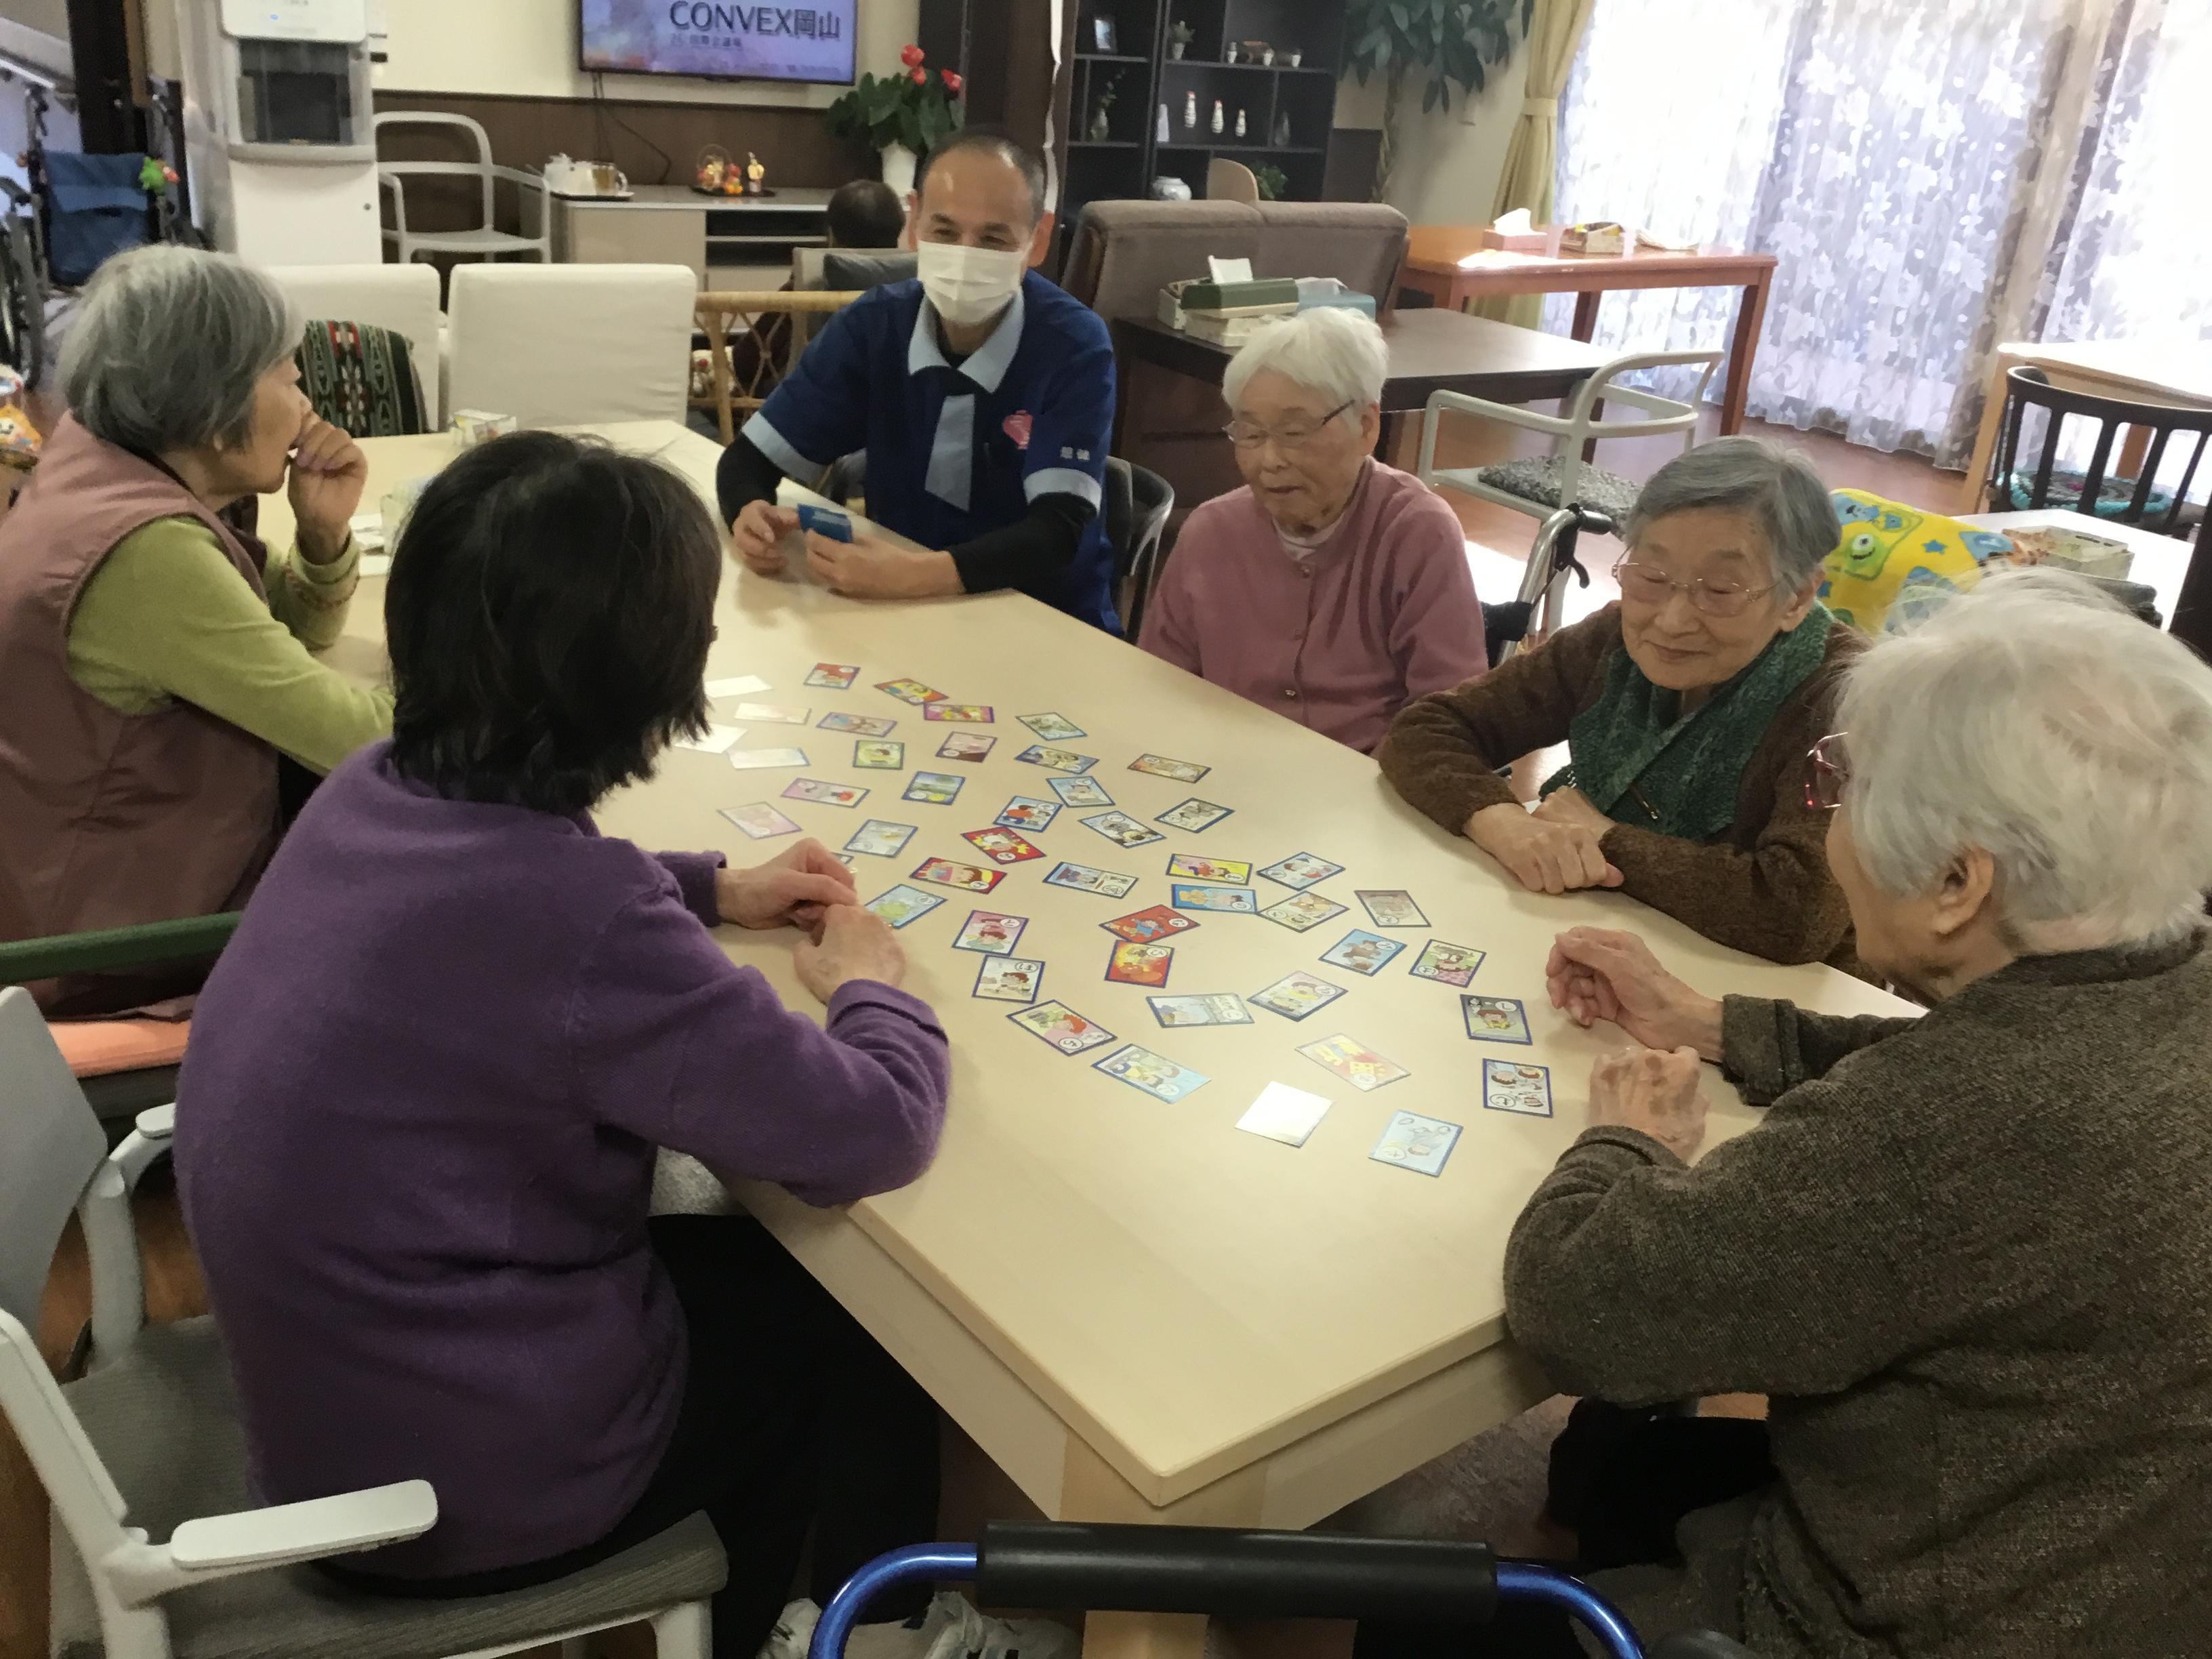 住宅型有料老人ホームライフタイム〜よりそい〜 の 看護スタッフ(日勤パート)